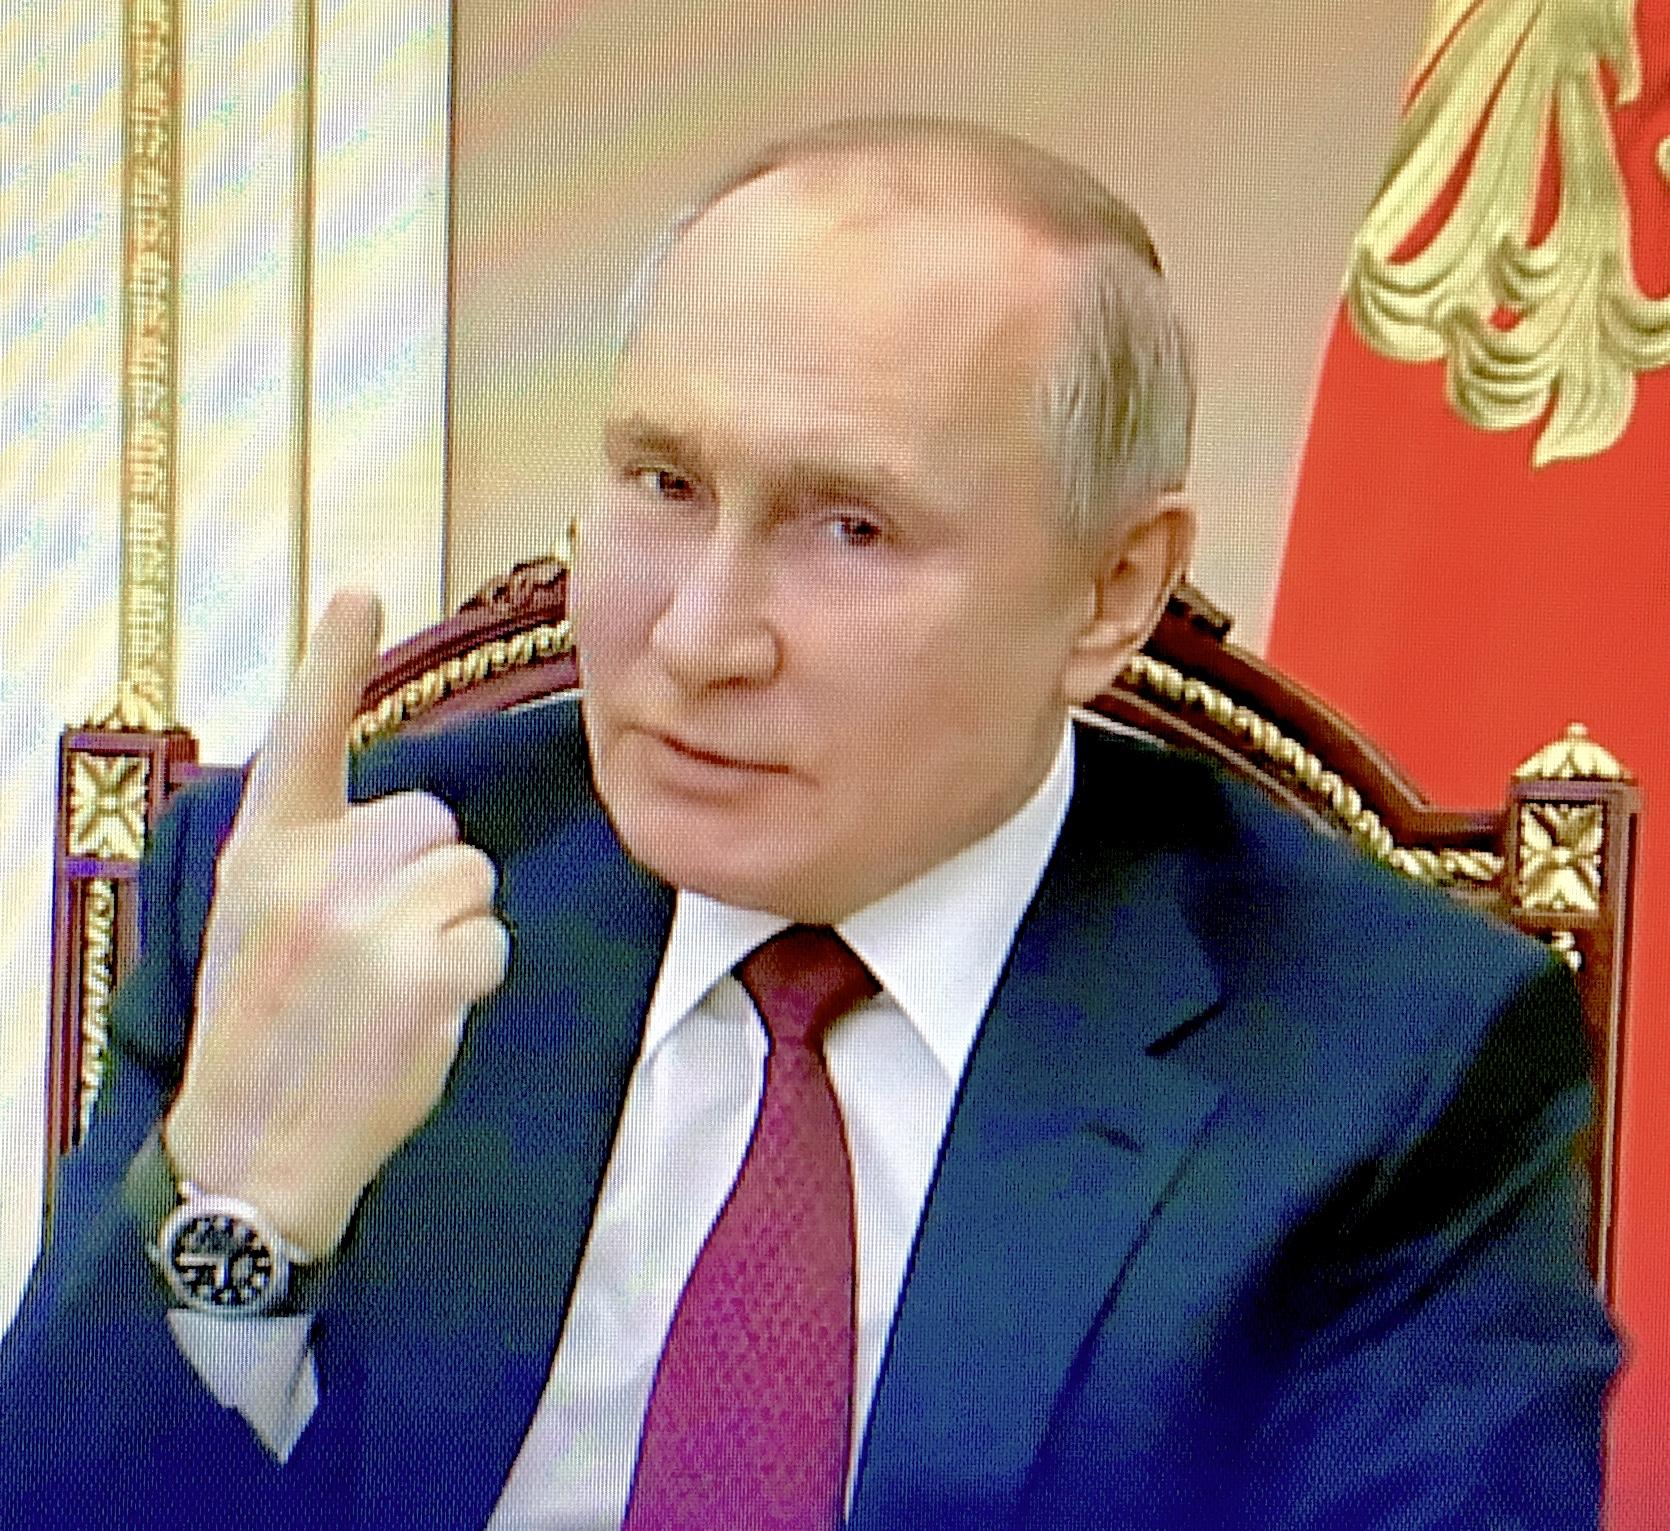 """Sein US-Amtskollege bezeichnete den russischen Präsidenten Wladimir Putin öffentlich als """"Mörder"""", dieser wünschte Joe Biden als Antwort """"Gesundheit"""" und erinnerte sich dabei an seine Kindheit: """"Wenn wir als Kinder auf dem Spielplatz stritten, sagten wir uns: 'Was man sagt, ist man selbst! Wenn wir also andere Menschen, Staaten und Völker beurteilen, schauen wir immer in den eigenen Spiegel! Das ist nicht nur ein kindlicher Spruch, sondern Tiefenpsychologie. Wir projizieren uns auf andere und bewerten auf dieser Grundlage ihre Handlungen.'"""" Zum Glück für die Weltbevölkerung reagiert der Kreml-Chef auf """" westliche"""" Provokation, Sanktionen, Kriegserklärung, Beleidigungen und Unterstellungen weiterhin klug, besonnen und gelassen. Im Endeffekt geht es auch bei dieser Aggression des US-Establishments gegen Russland aktuell um die Verhinderung der fast fertiggestellten Pipeline Nord Stream 2 - um die Vereitelung deutsch-russischer bzw. eurasischer Kooperation.  Von Verena Daum (www.progression.at, www.garden-eden.org)"""